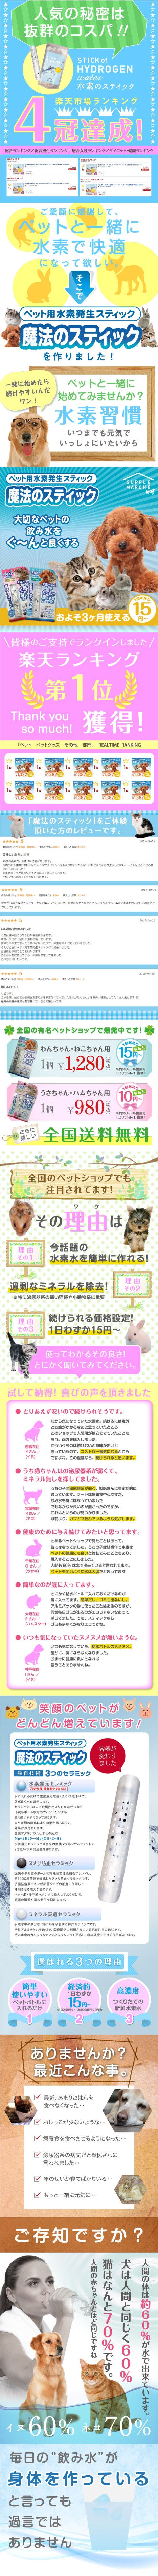 水素水 犬 猫 小動物 ウサギ ハムスター ペット健康 水